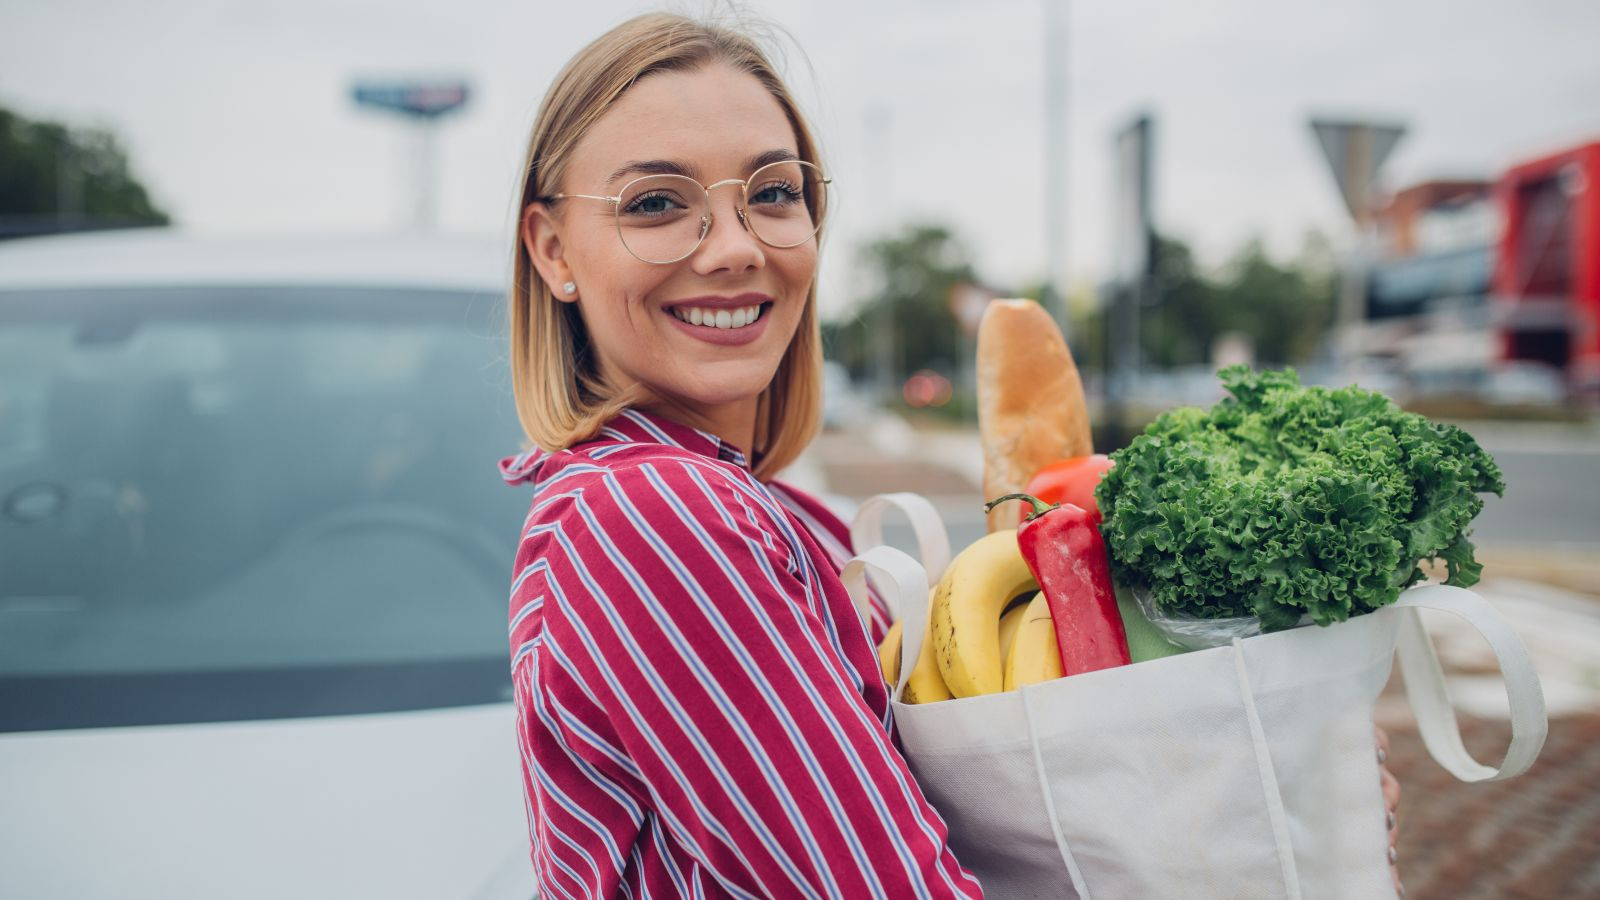 woman plastic free shopping